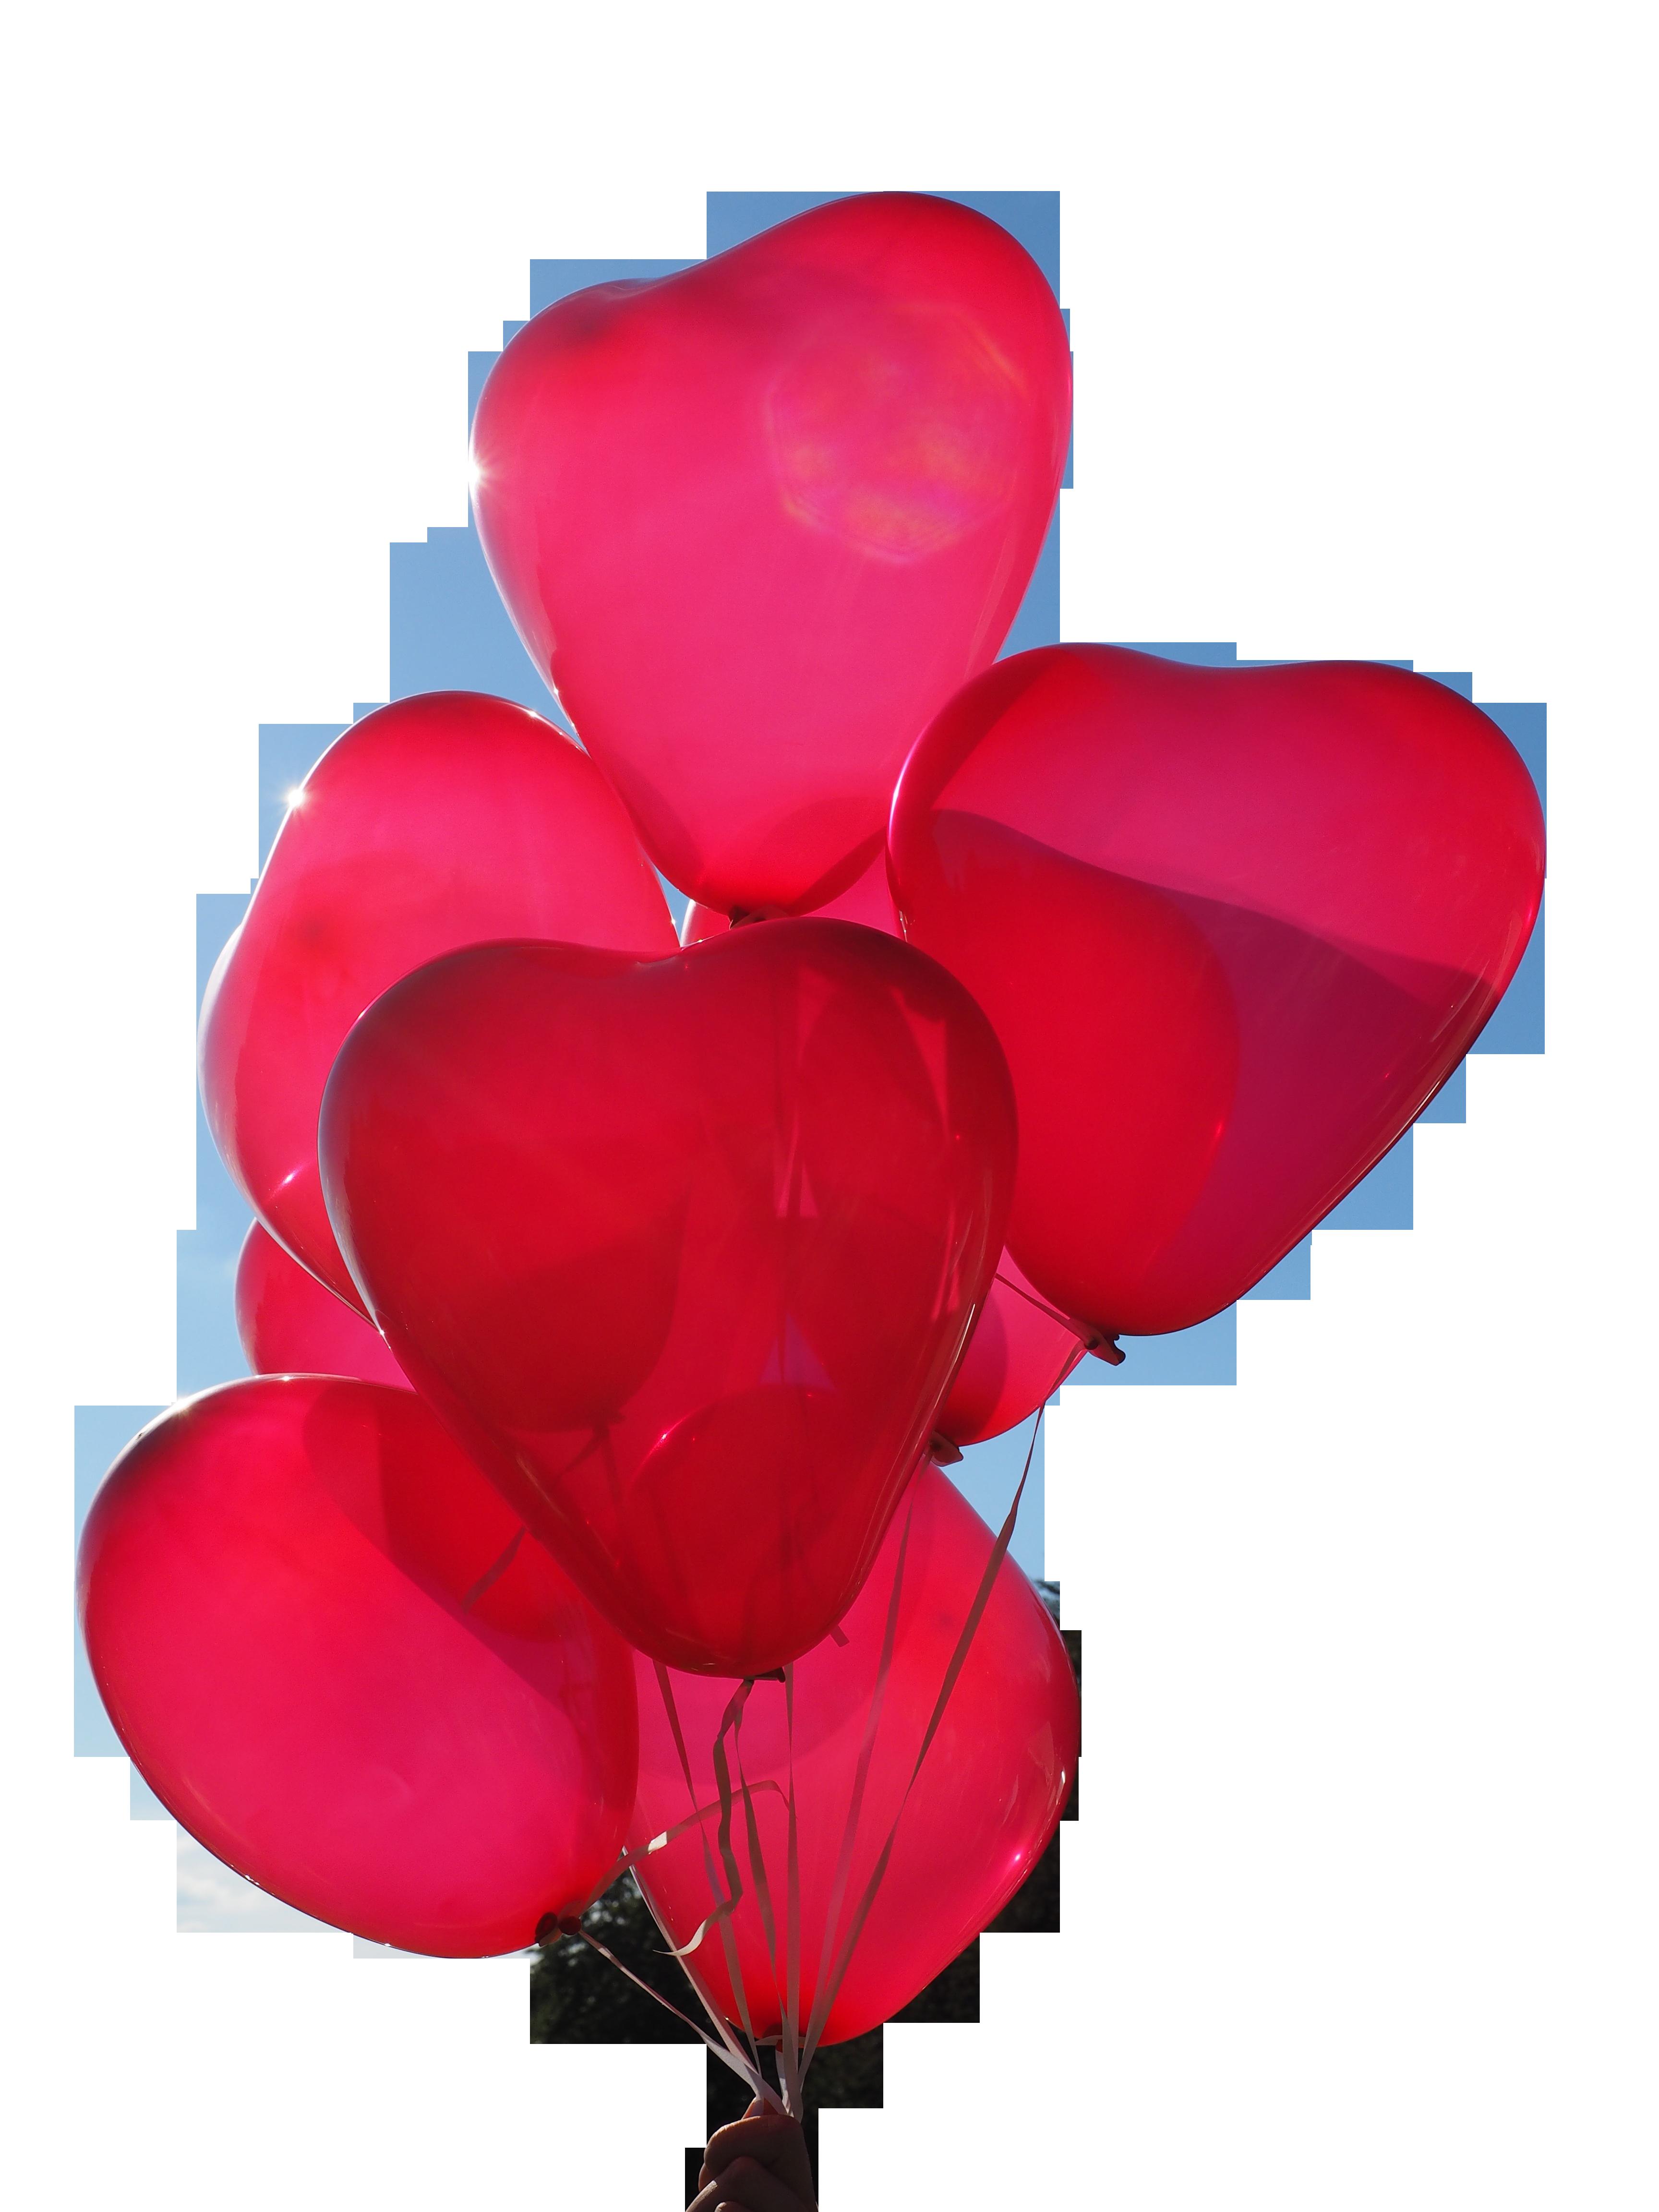 balloons-693710_Clip